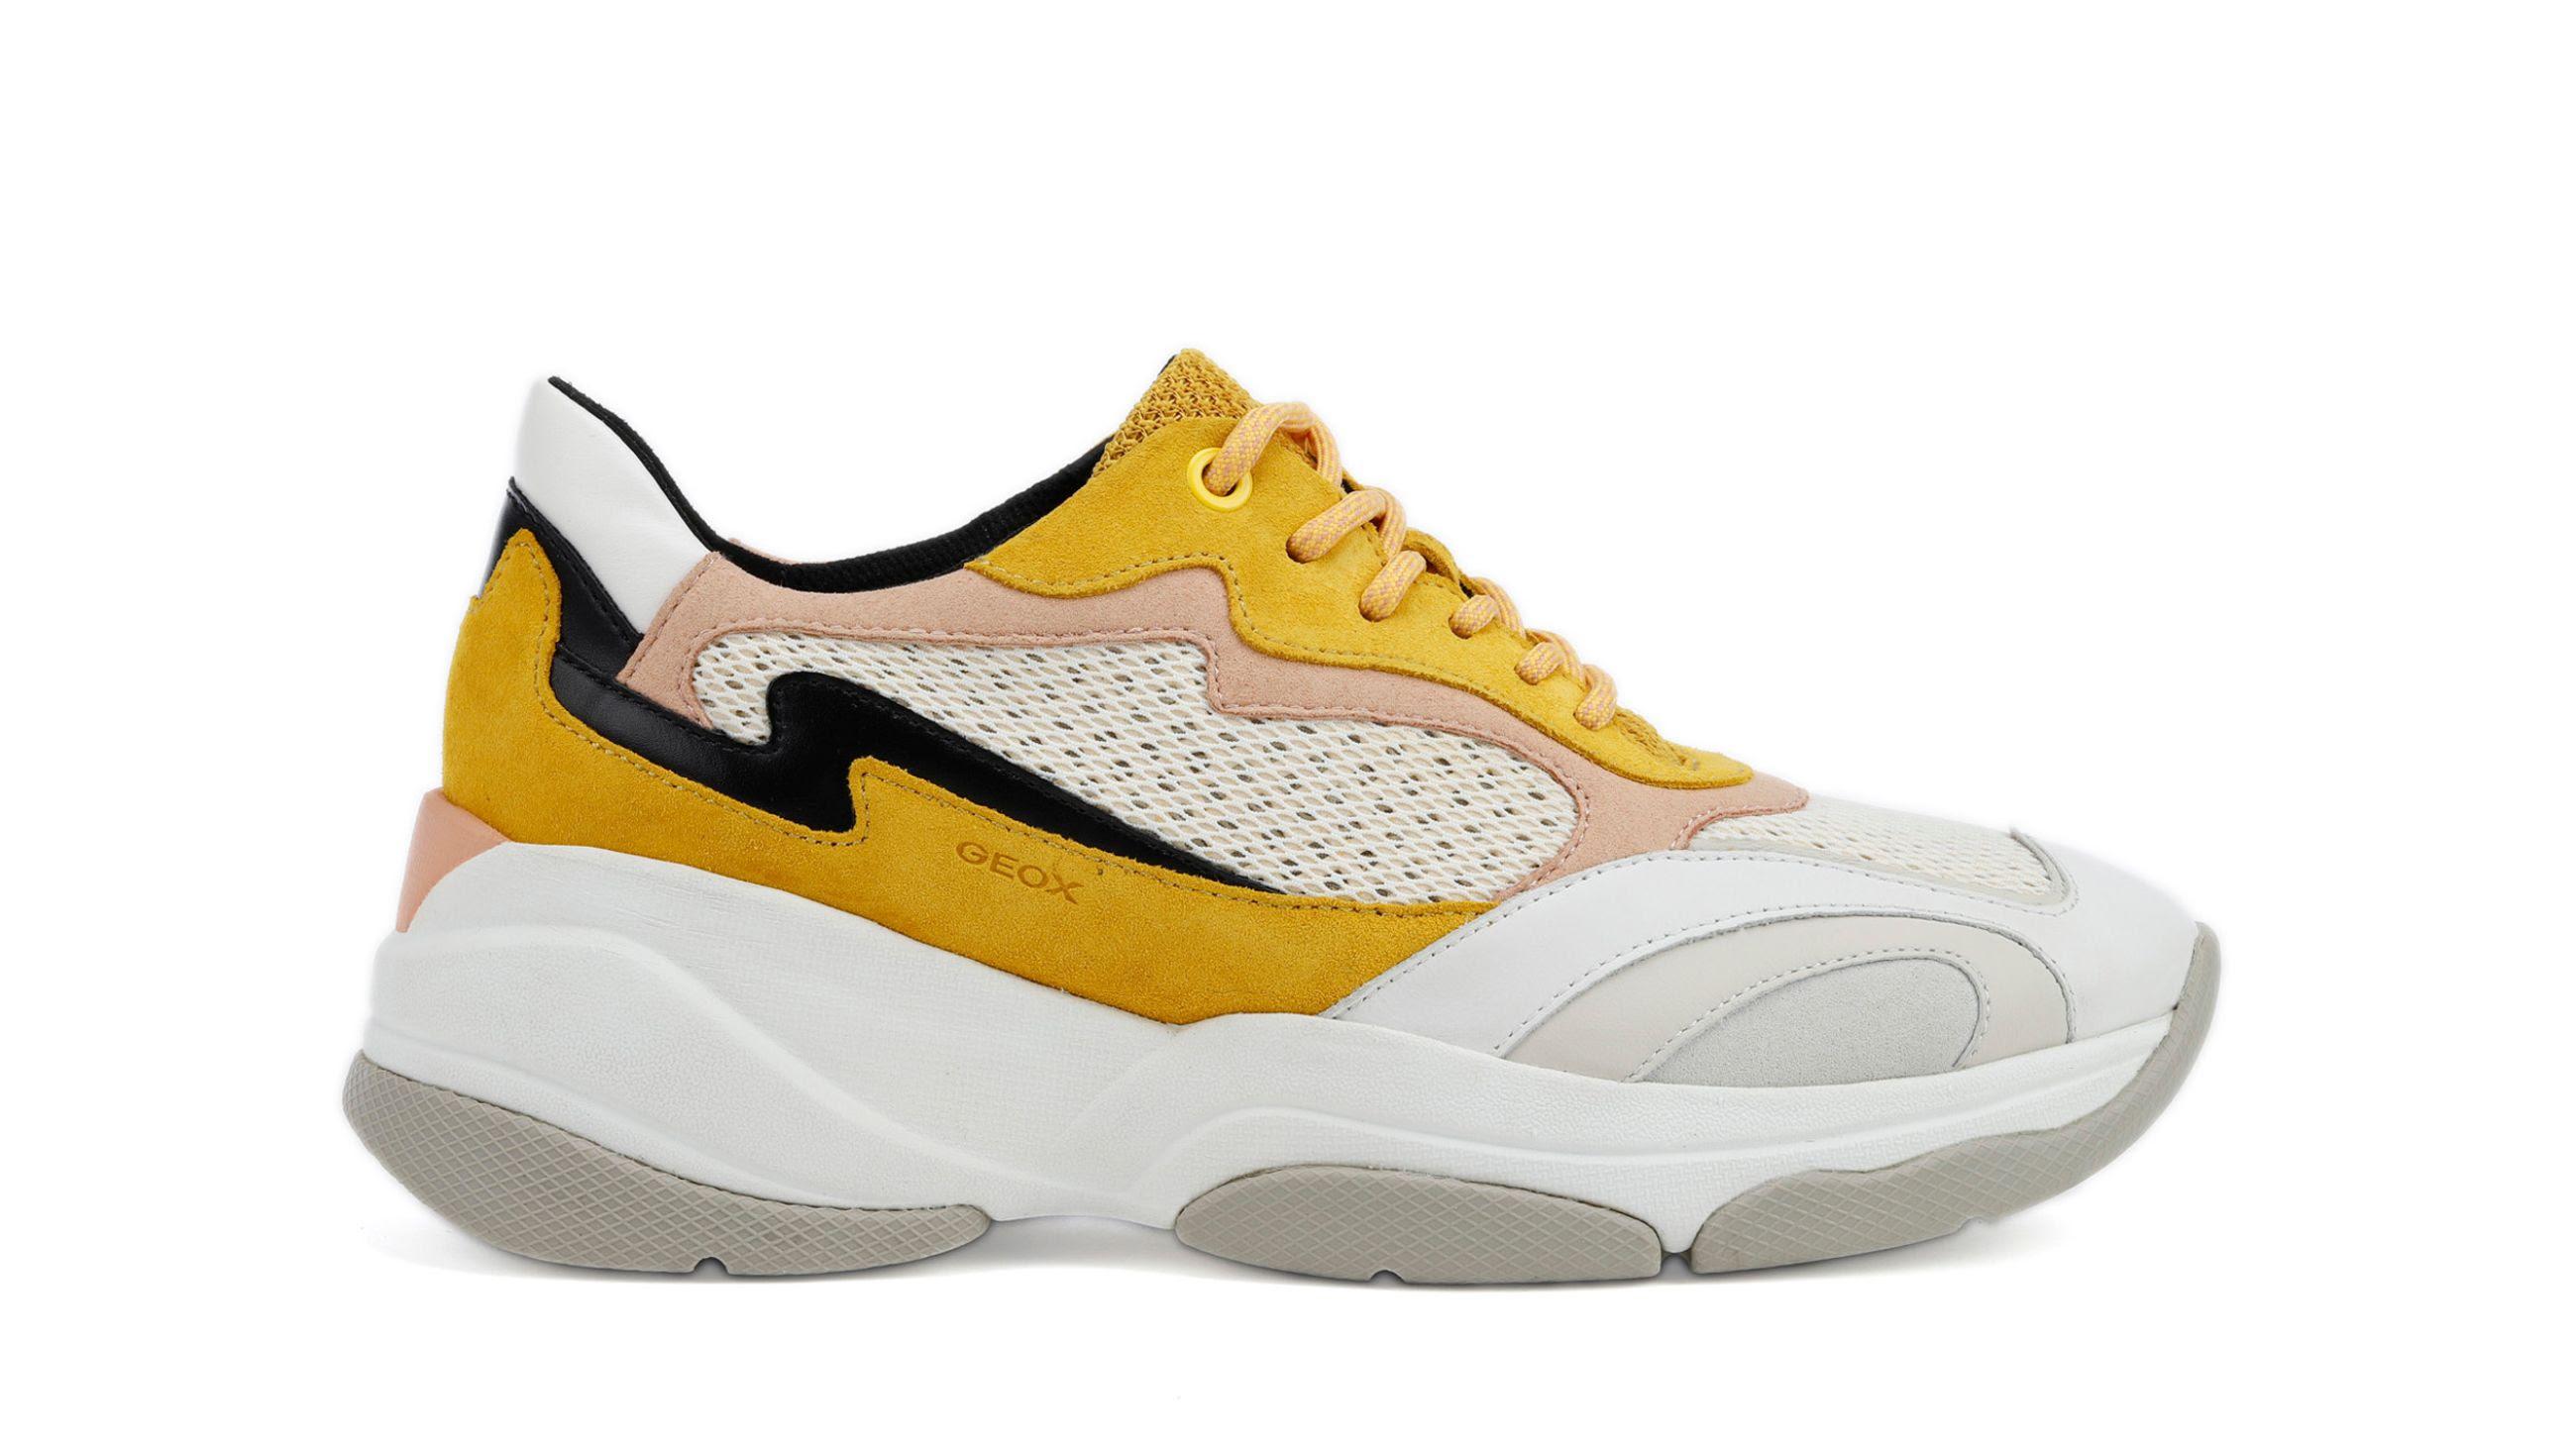 7f5319d2 1618 4e11 b1a3 2d12e8c627f9 - Kaia Gerber tiene la selección de prendas y calzado perfectos para hacer deporte en casa